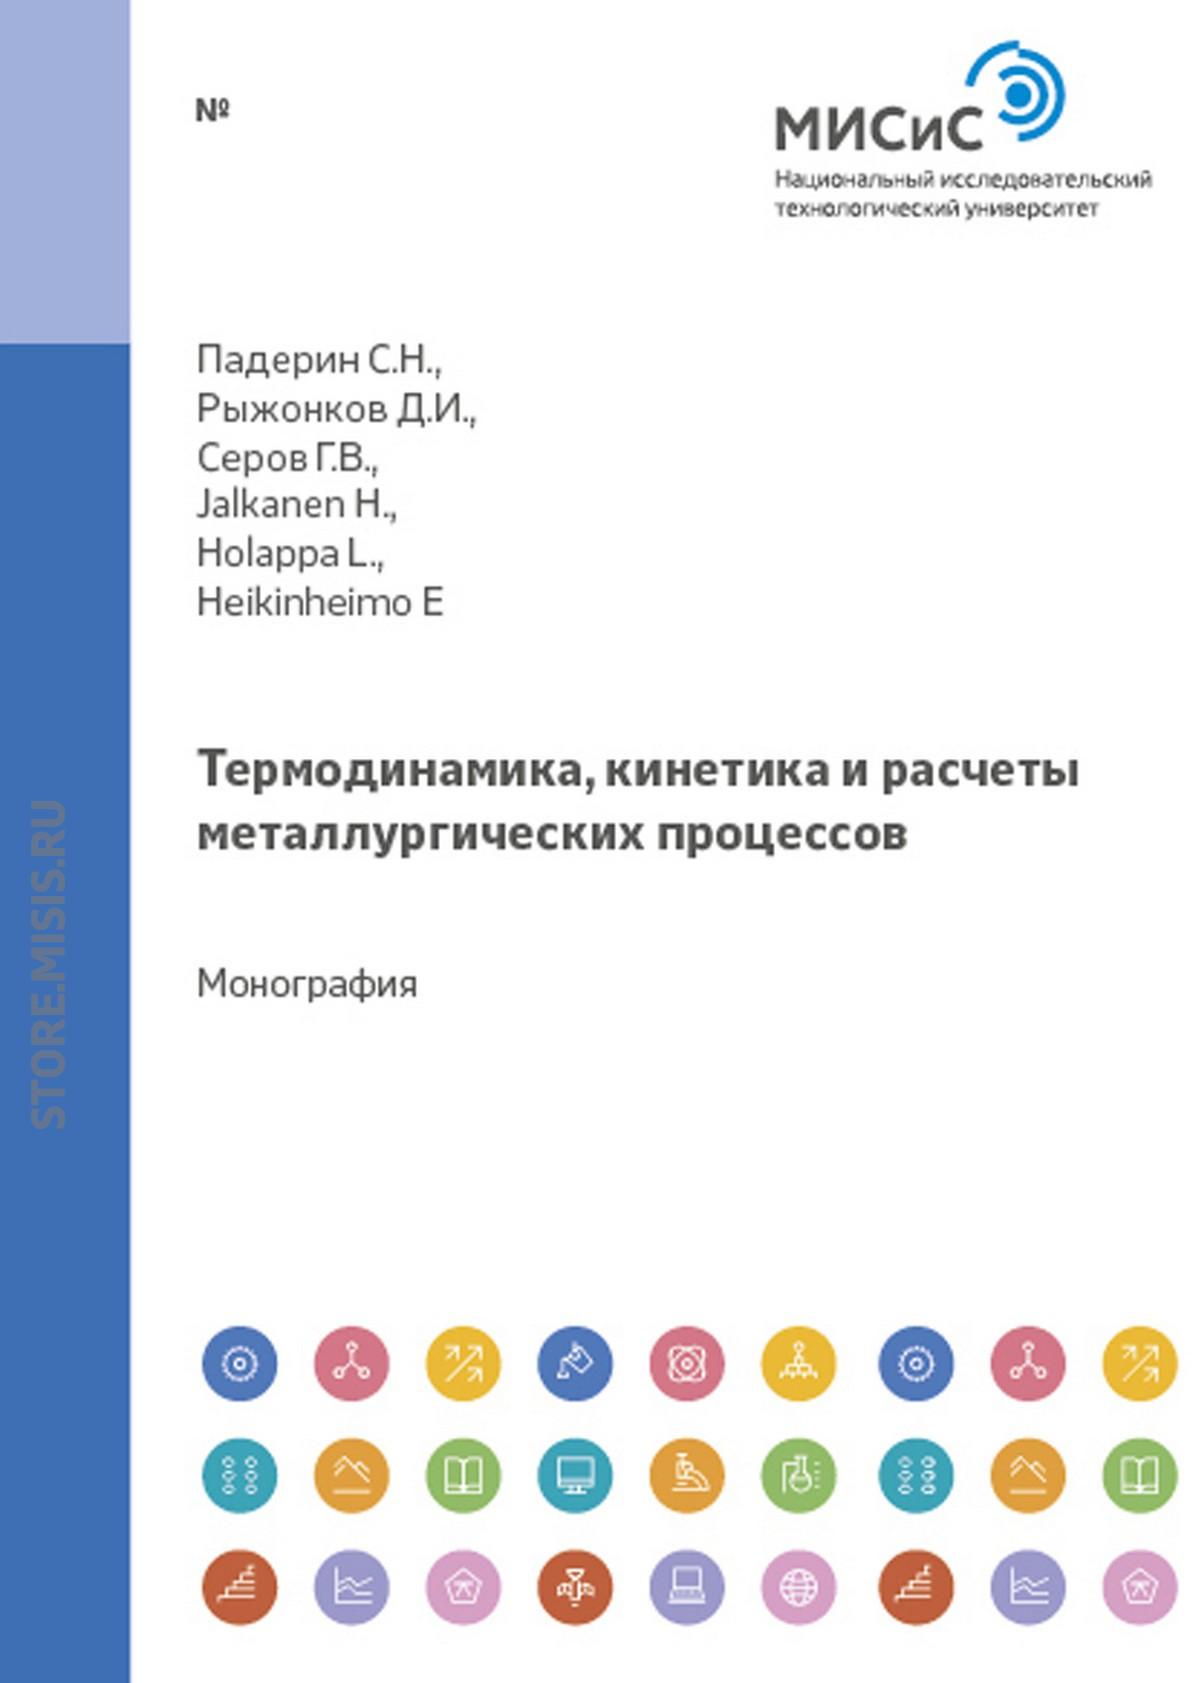 Д. И. Рыжонков Термодинамика, кинетика и расчеты металлургических процессов